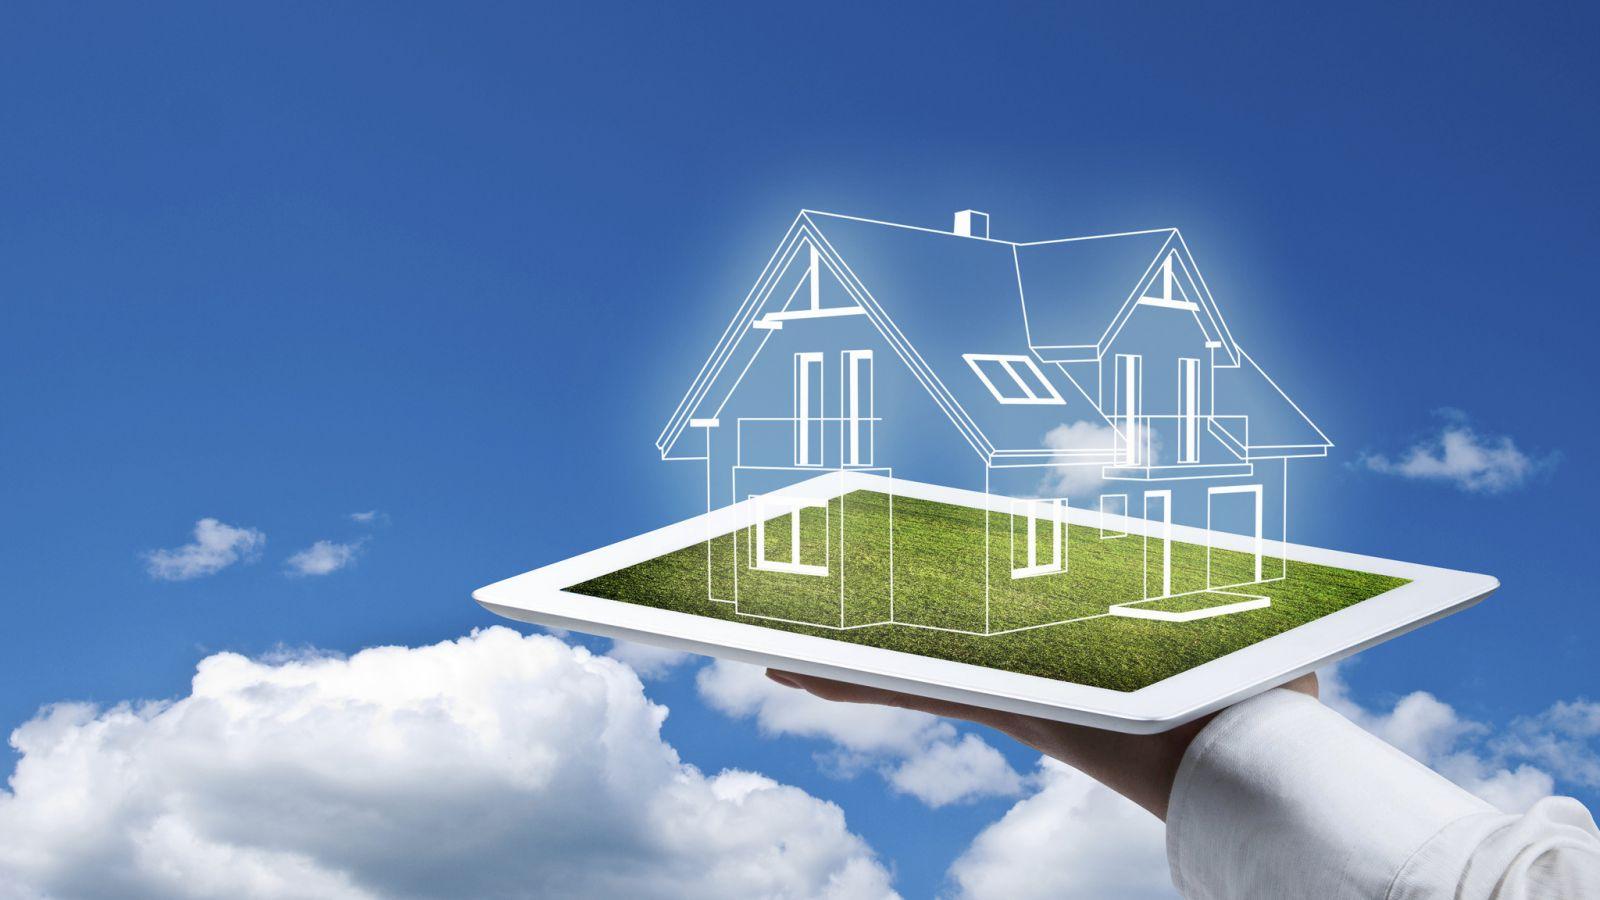 Chia sẻ ý tưởng kinh doanh bất động sản không cần vốn nhiều